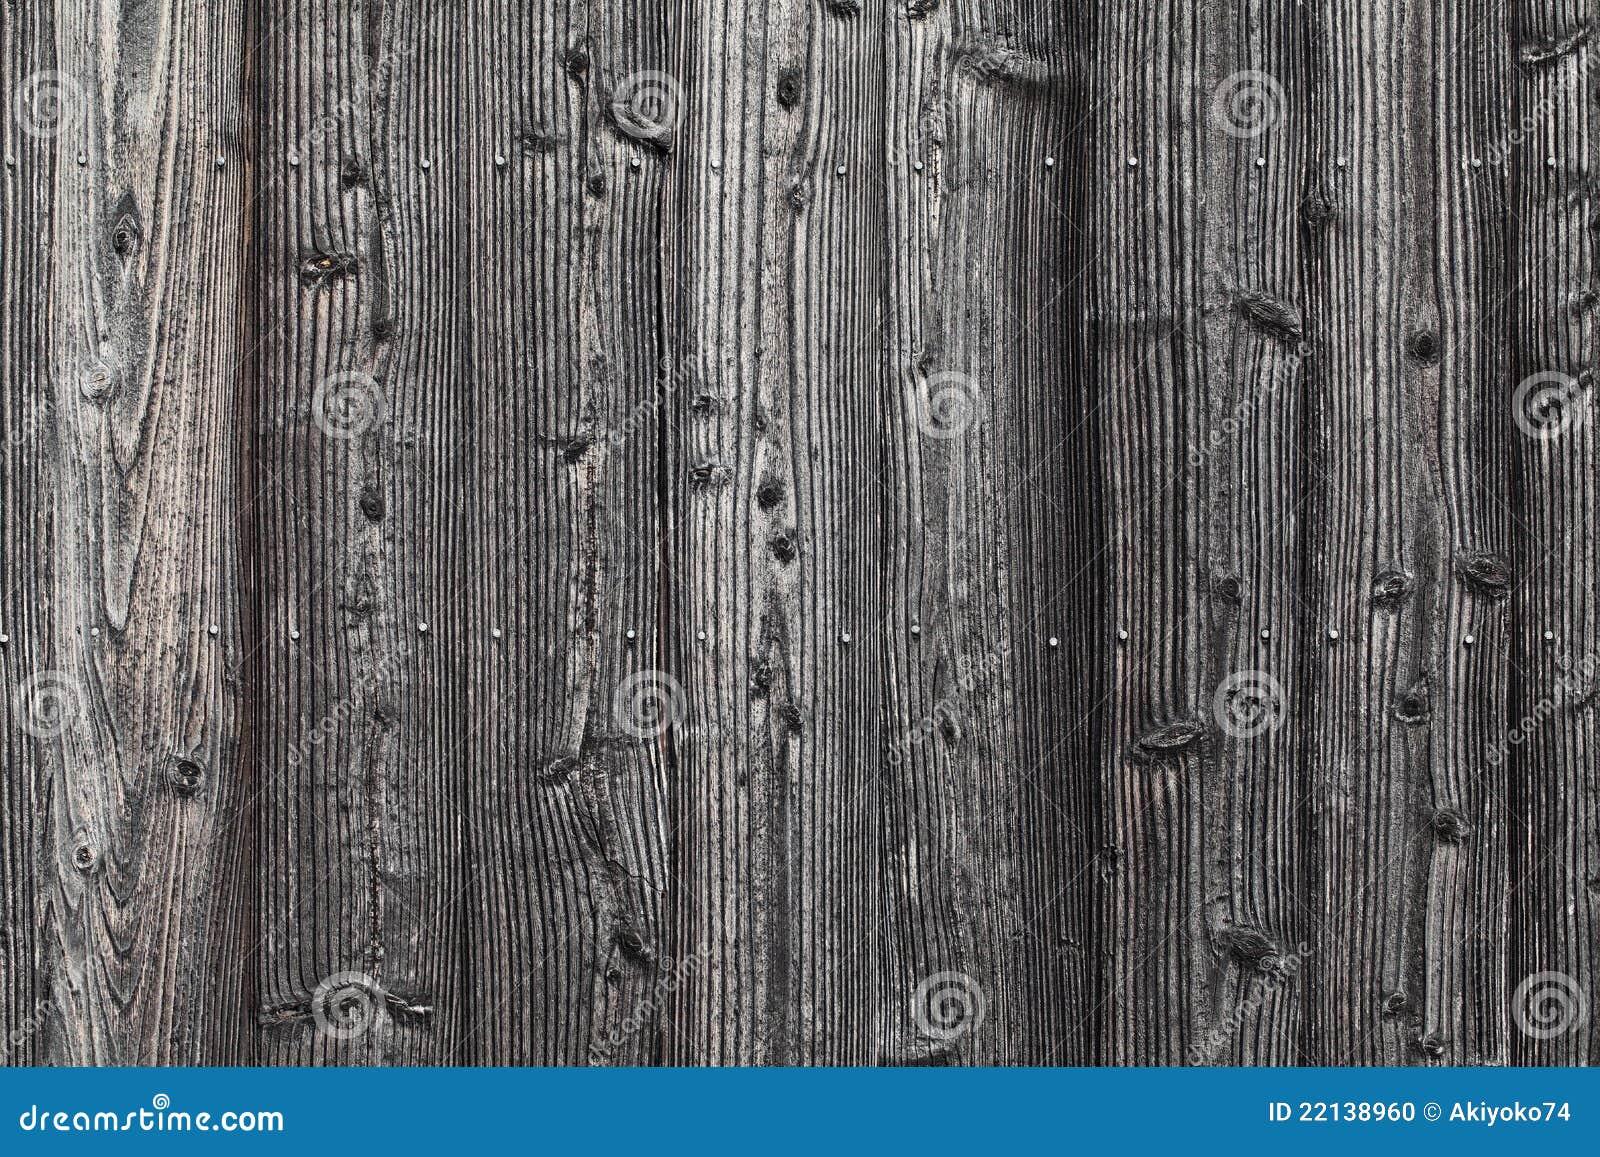 Vieilles planches en bois photo stock image 22138960 - Vieille planche bois ...